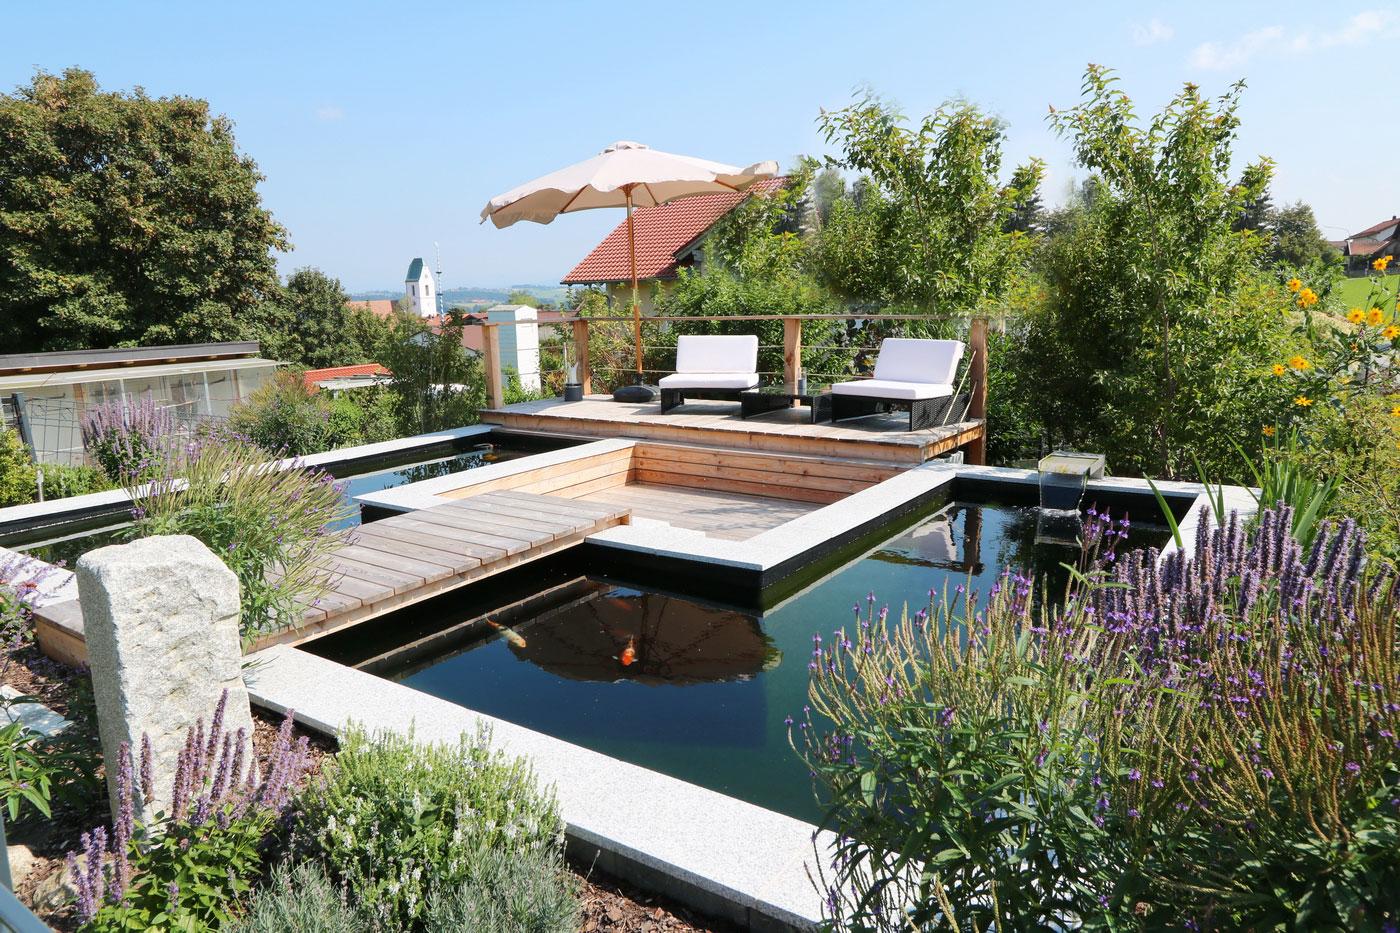 Teiche-Biotope-Gartenanlage - Gartengestaltung-Gartenbau-Reischl ...